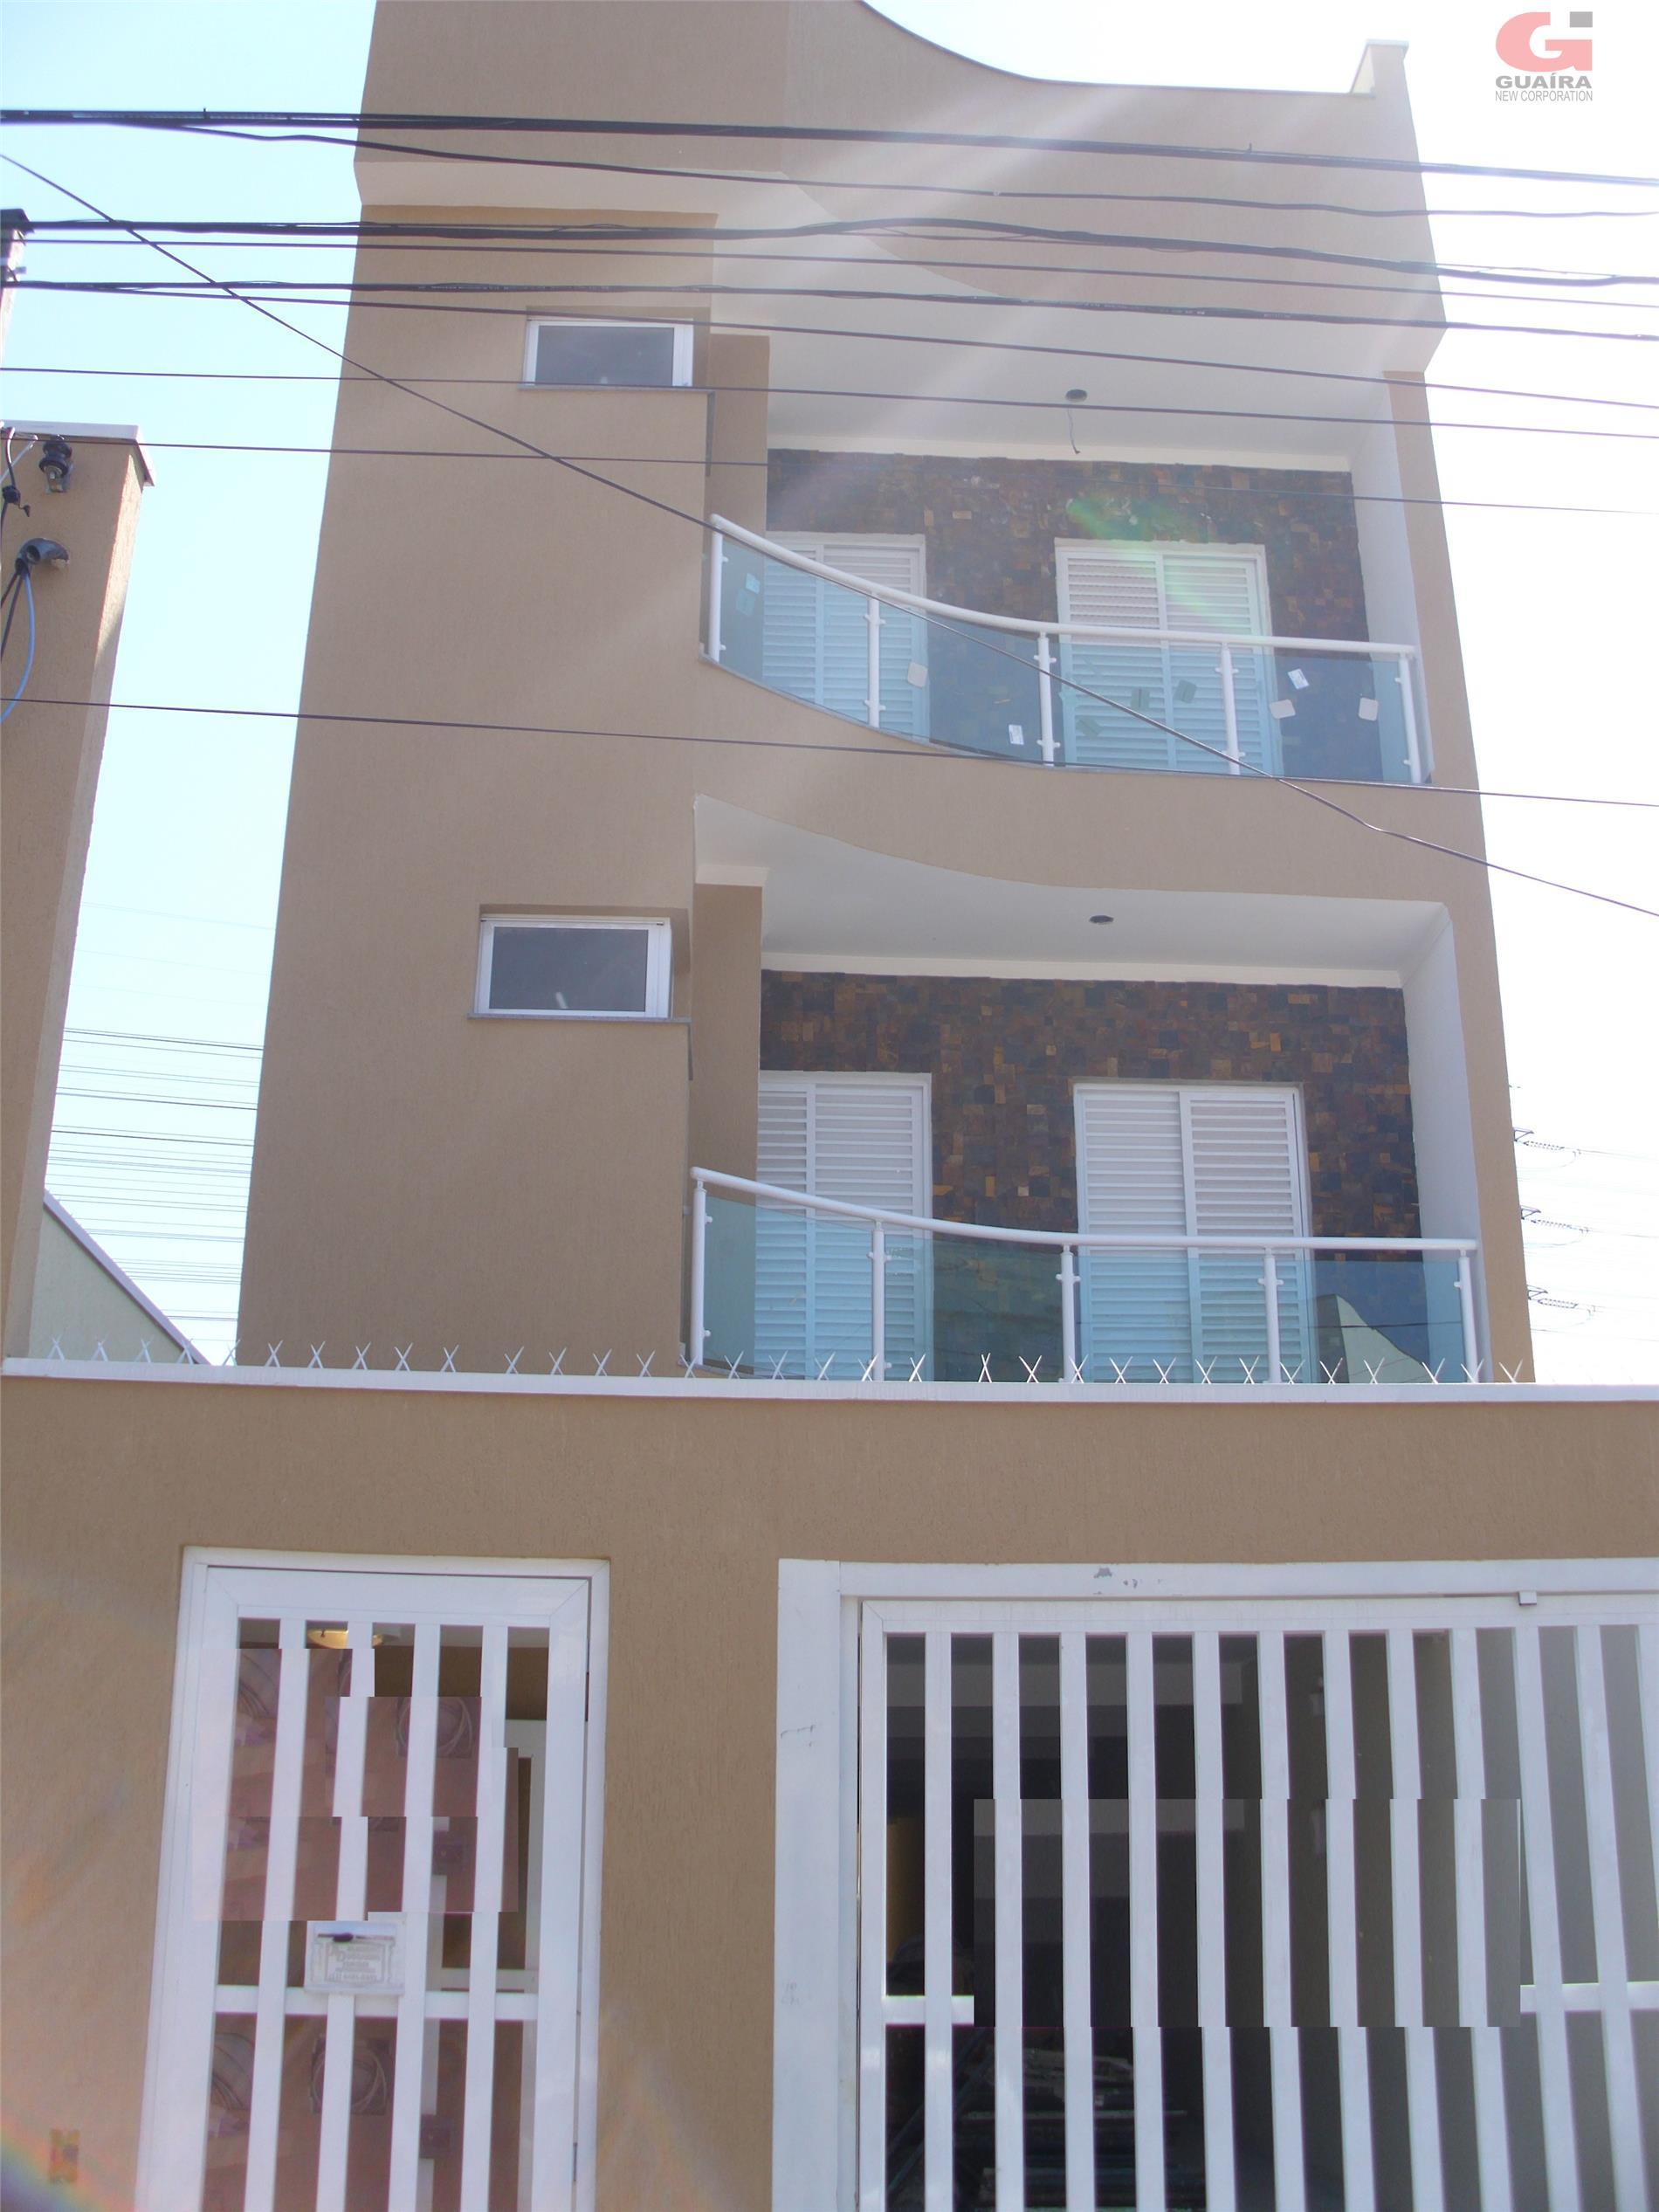 Cobertura de 3 dormitórios à venda em Vila Scarpelli, Santo André - SP